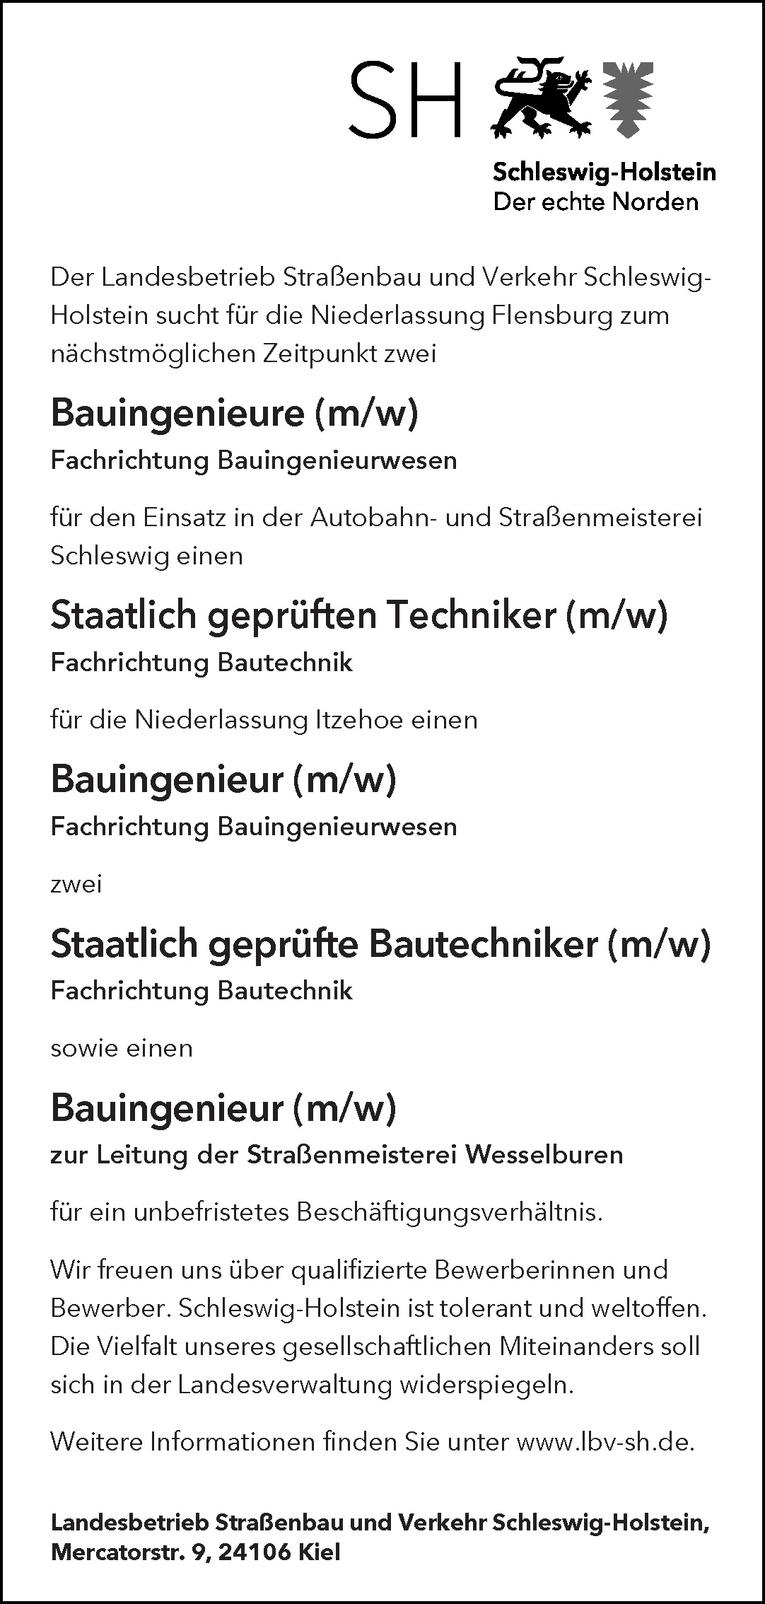 Staatlich geprüften Techniker (m/w) Fachrichtung Bautechnik